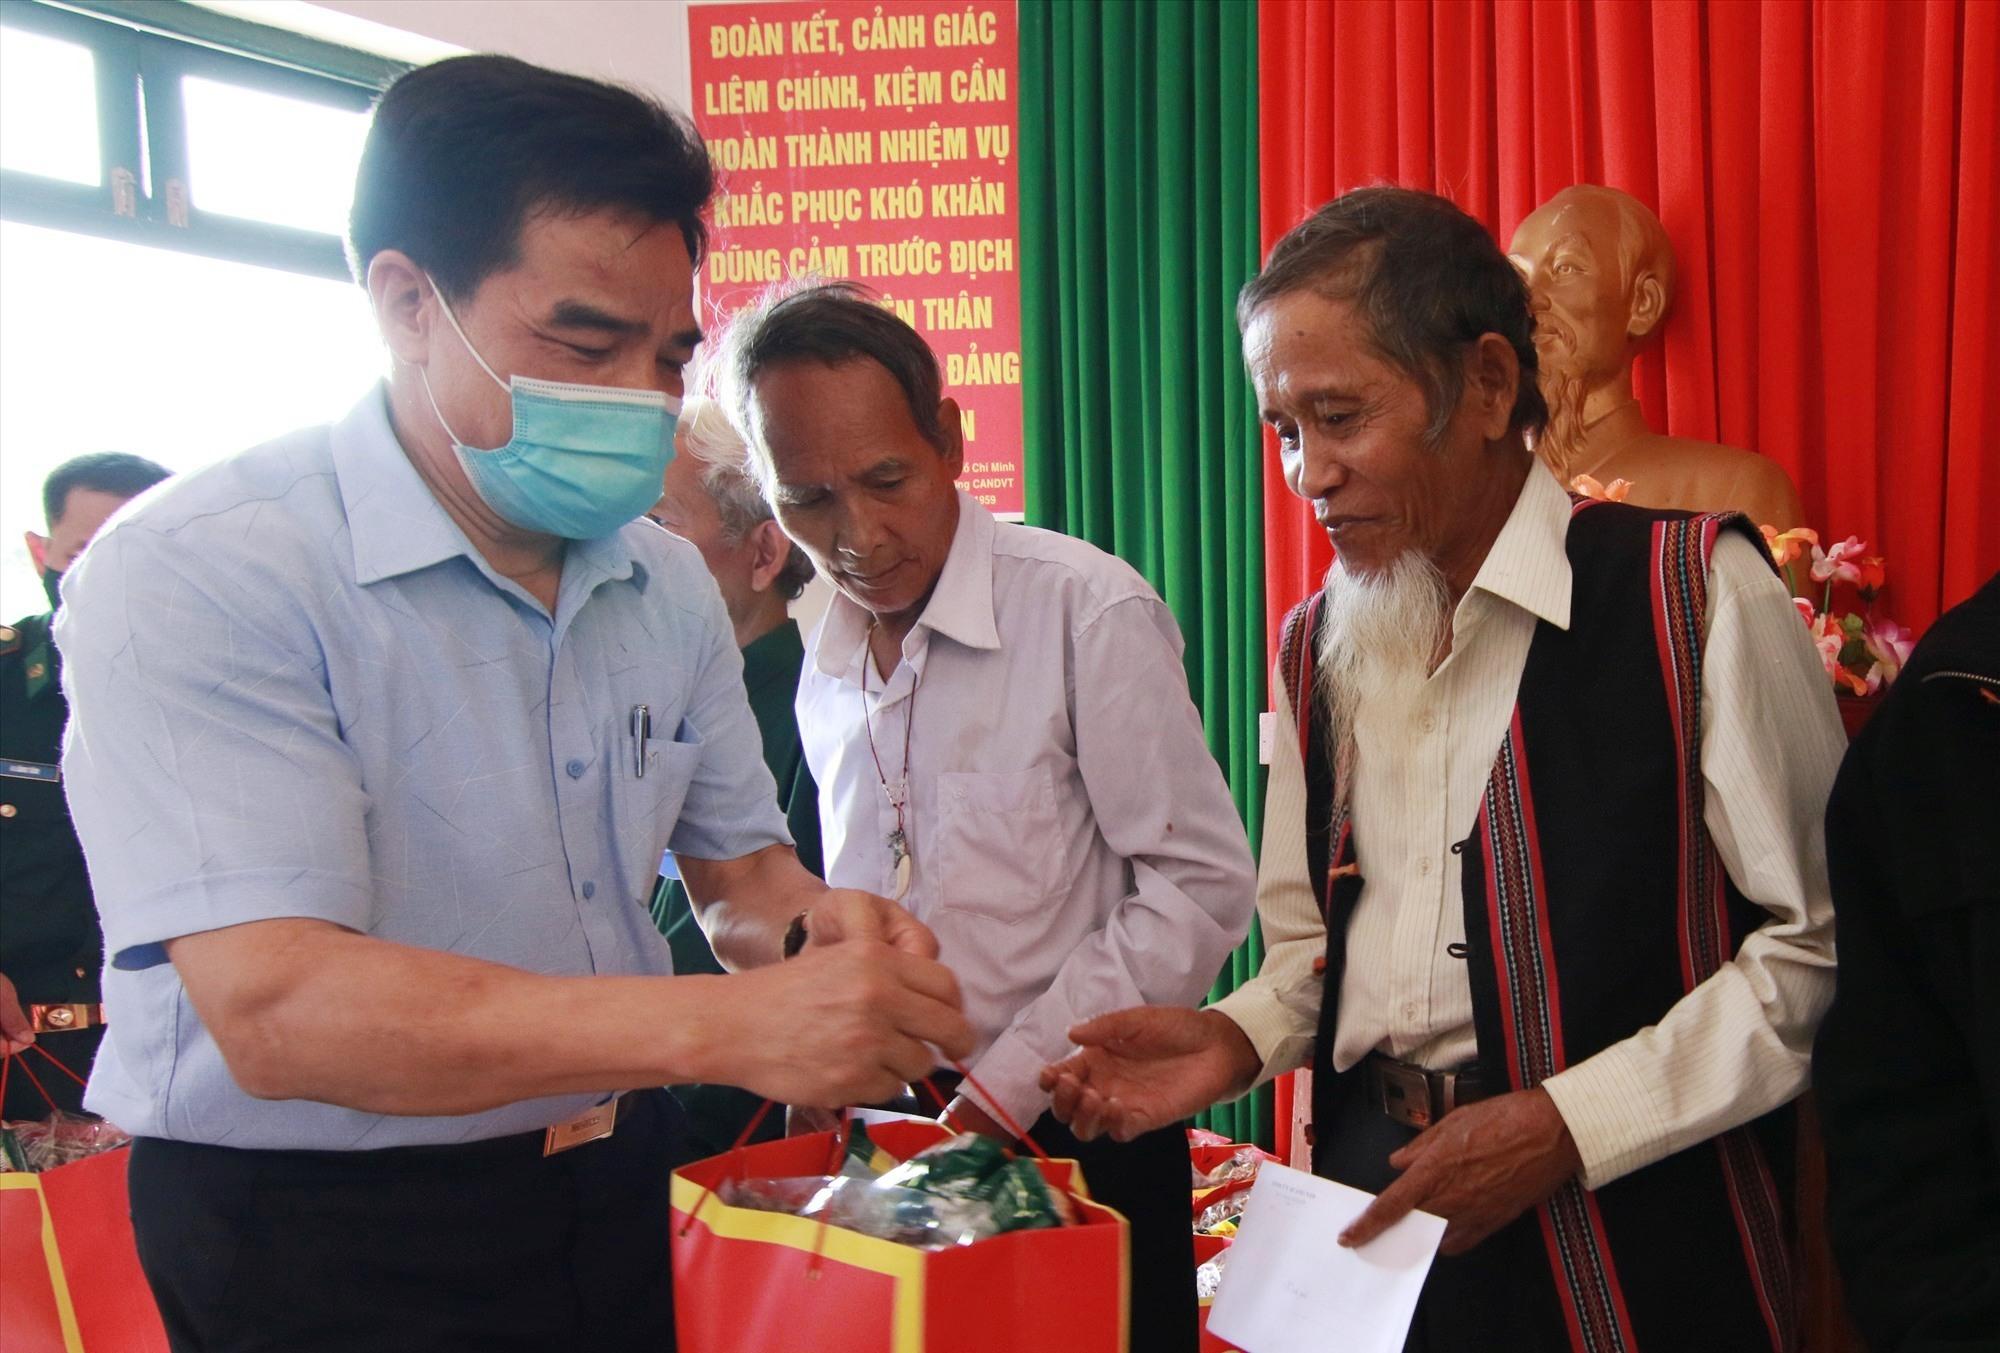 Dịp này, đoàn công tác cũng trao tặng nhiều phần quà cho già làng uy tín, gia đình chính sách trên địa bàn xã A Nông. Ảnh: T.C